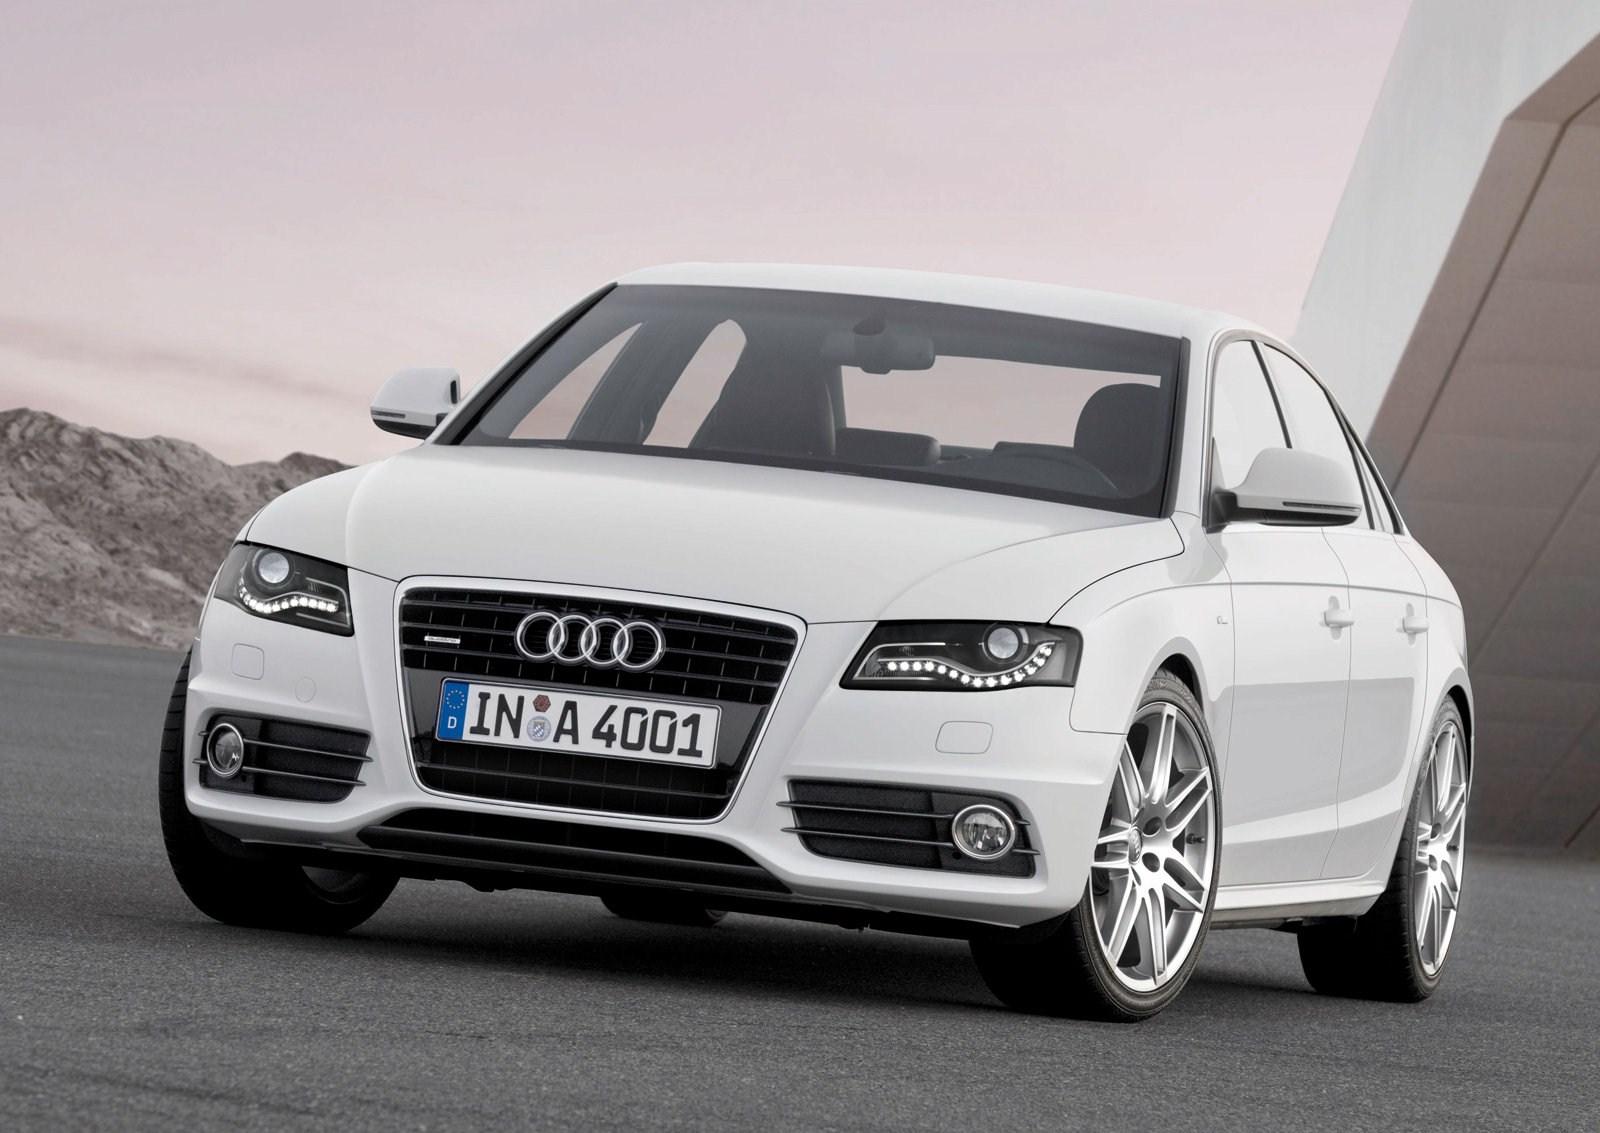 http://4.bp.blogspot.com/_sRGU_JXOz6E/TSiTNklSiRI/AAAAAAAABEs/nVoHUDH_ytg/s1600/Audi-A4-wallpaper-12.jpg